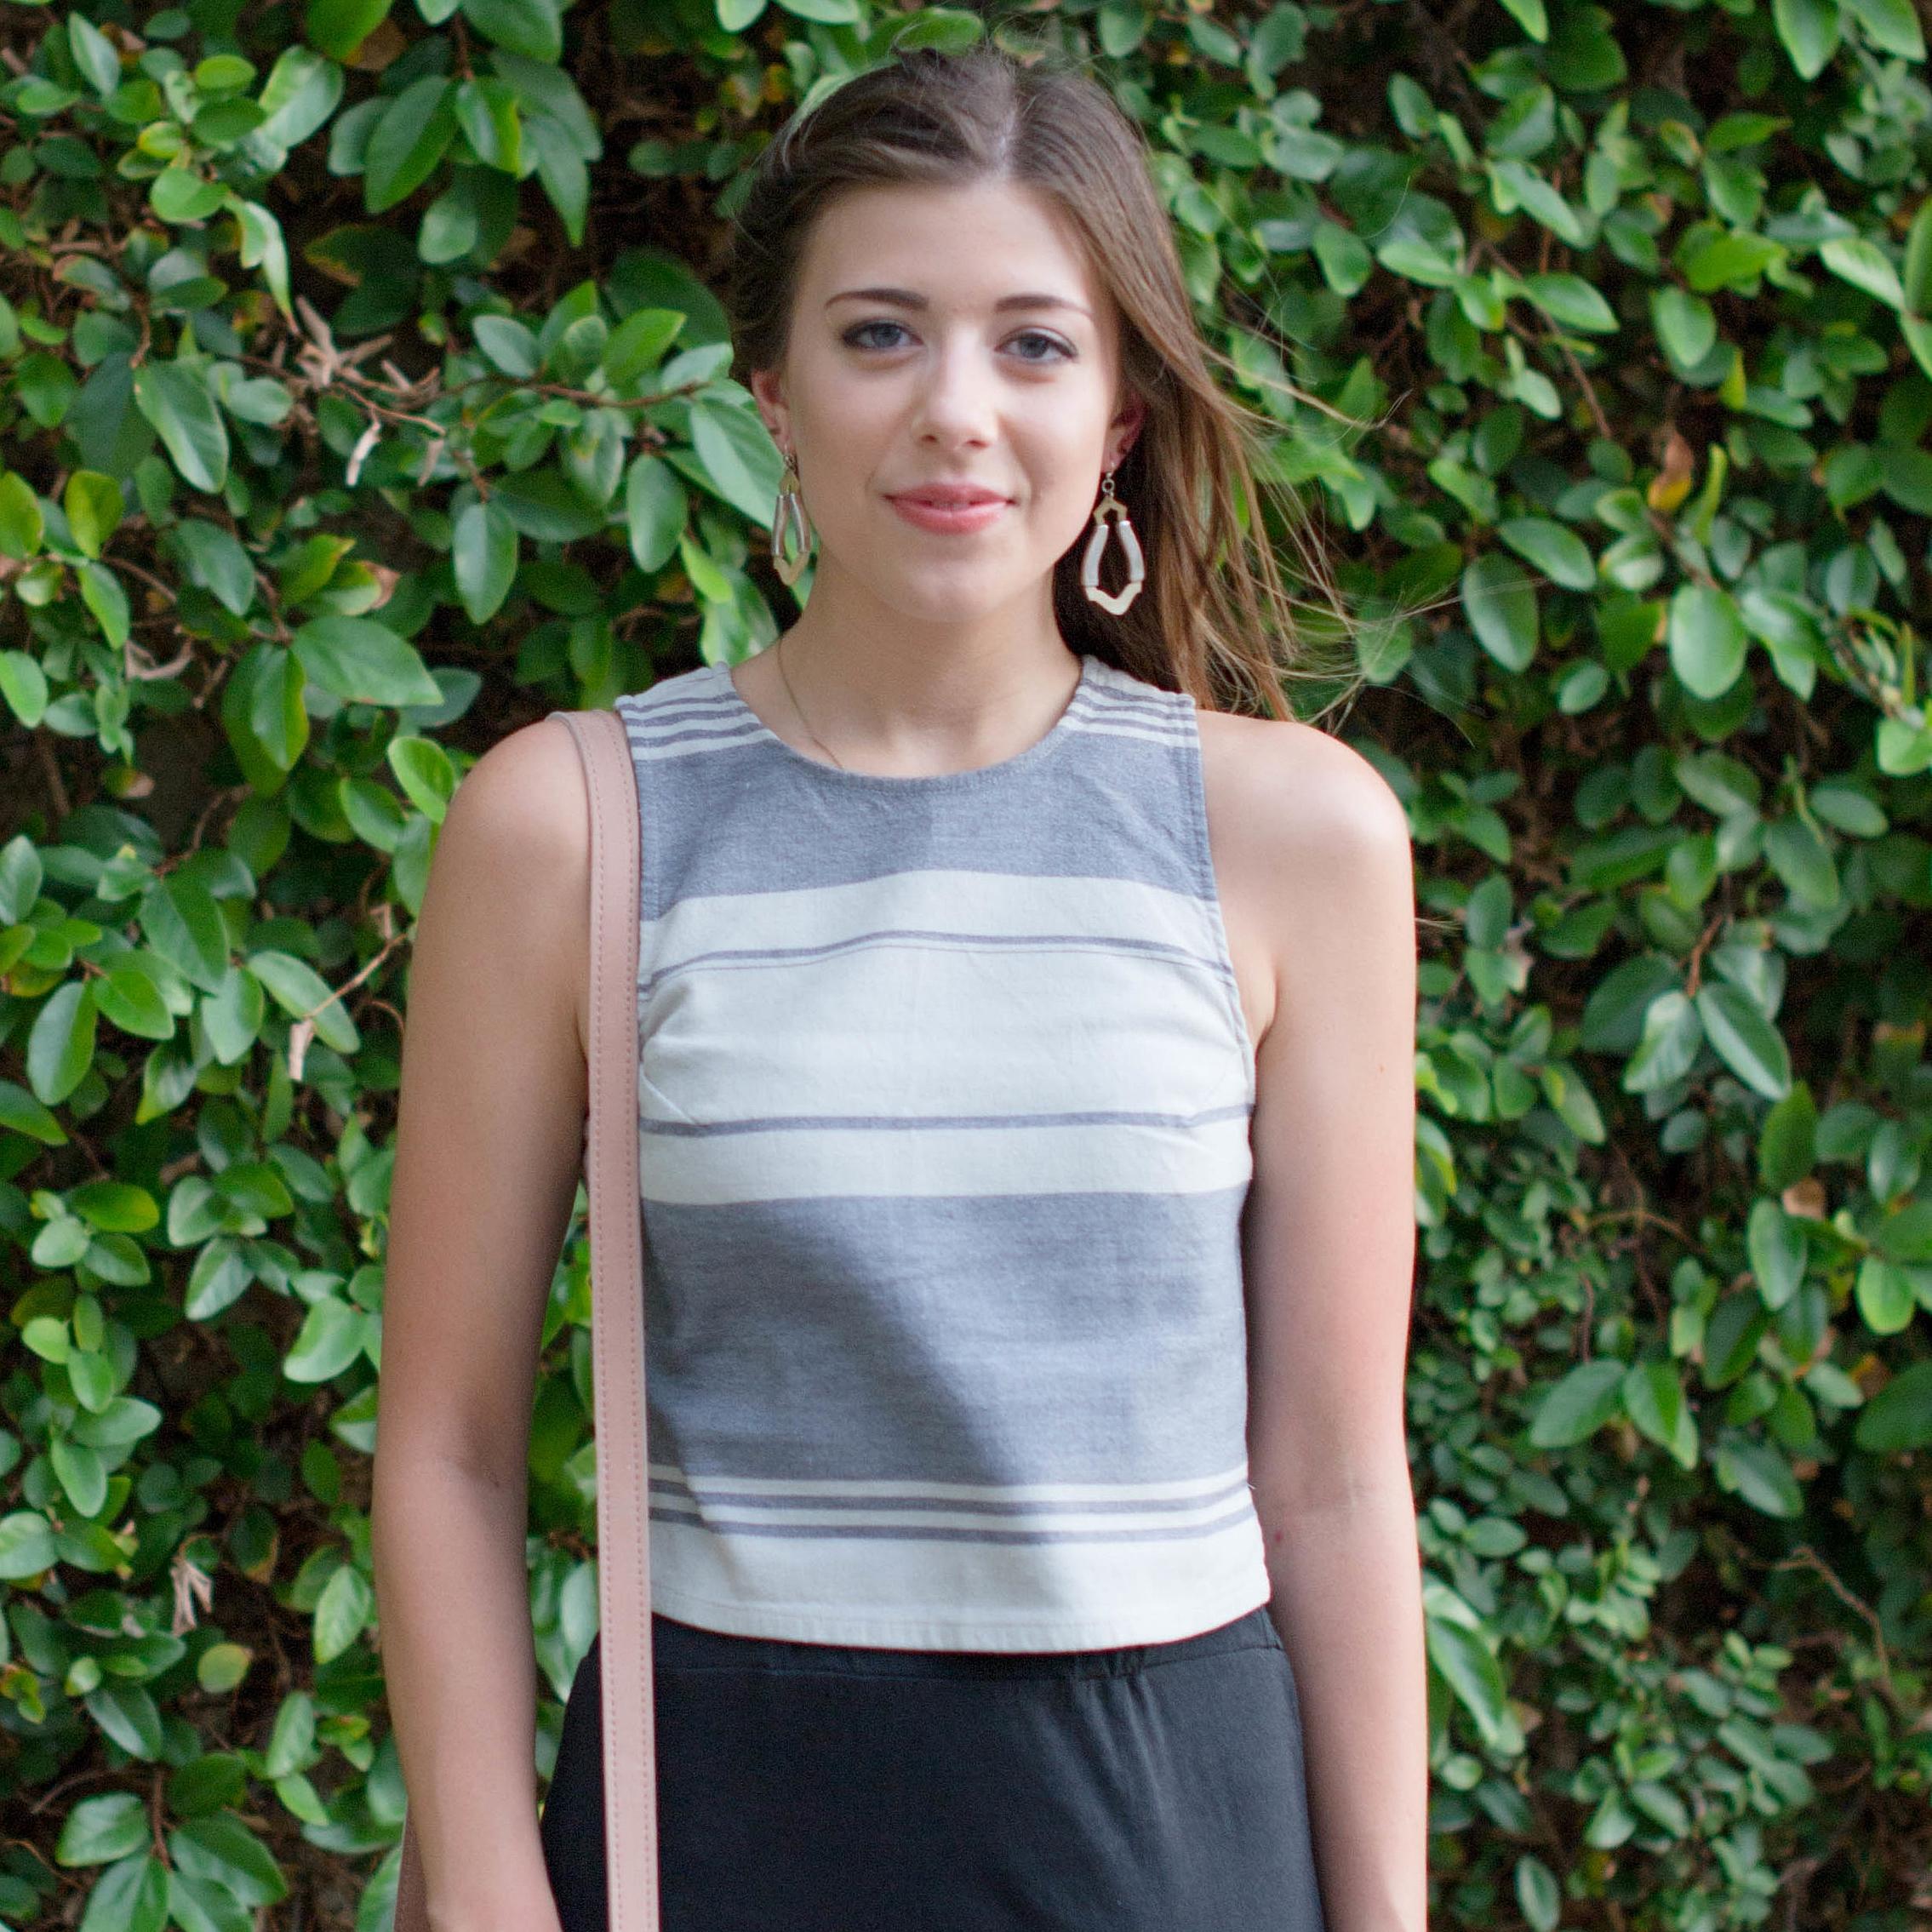 Casa Flor Designs - Best for: Dresses, tops, & skirts | KEIRA17 for 15% off